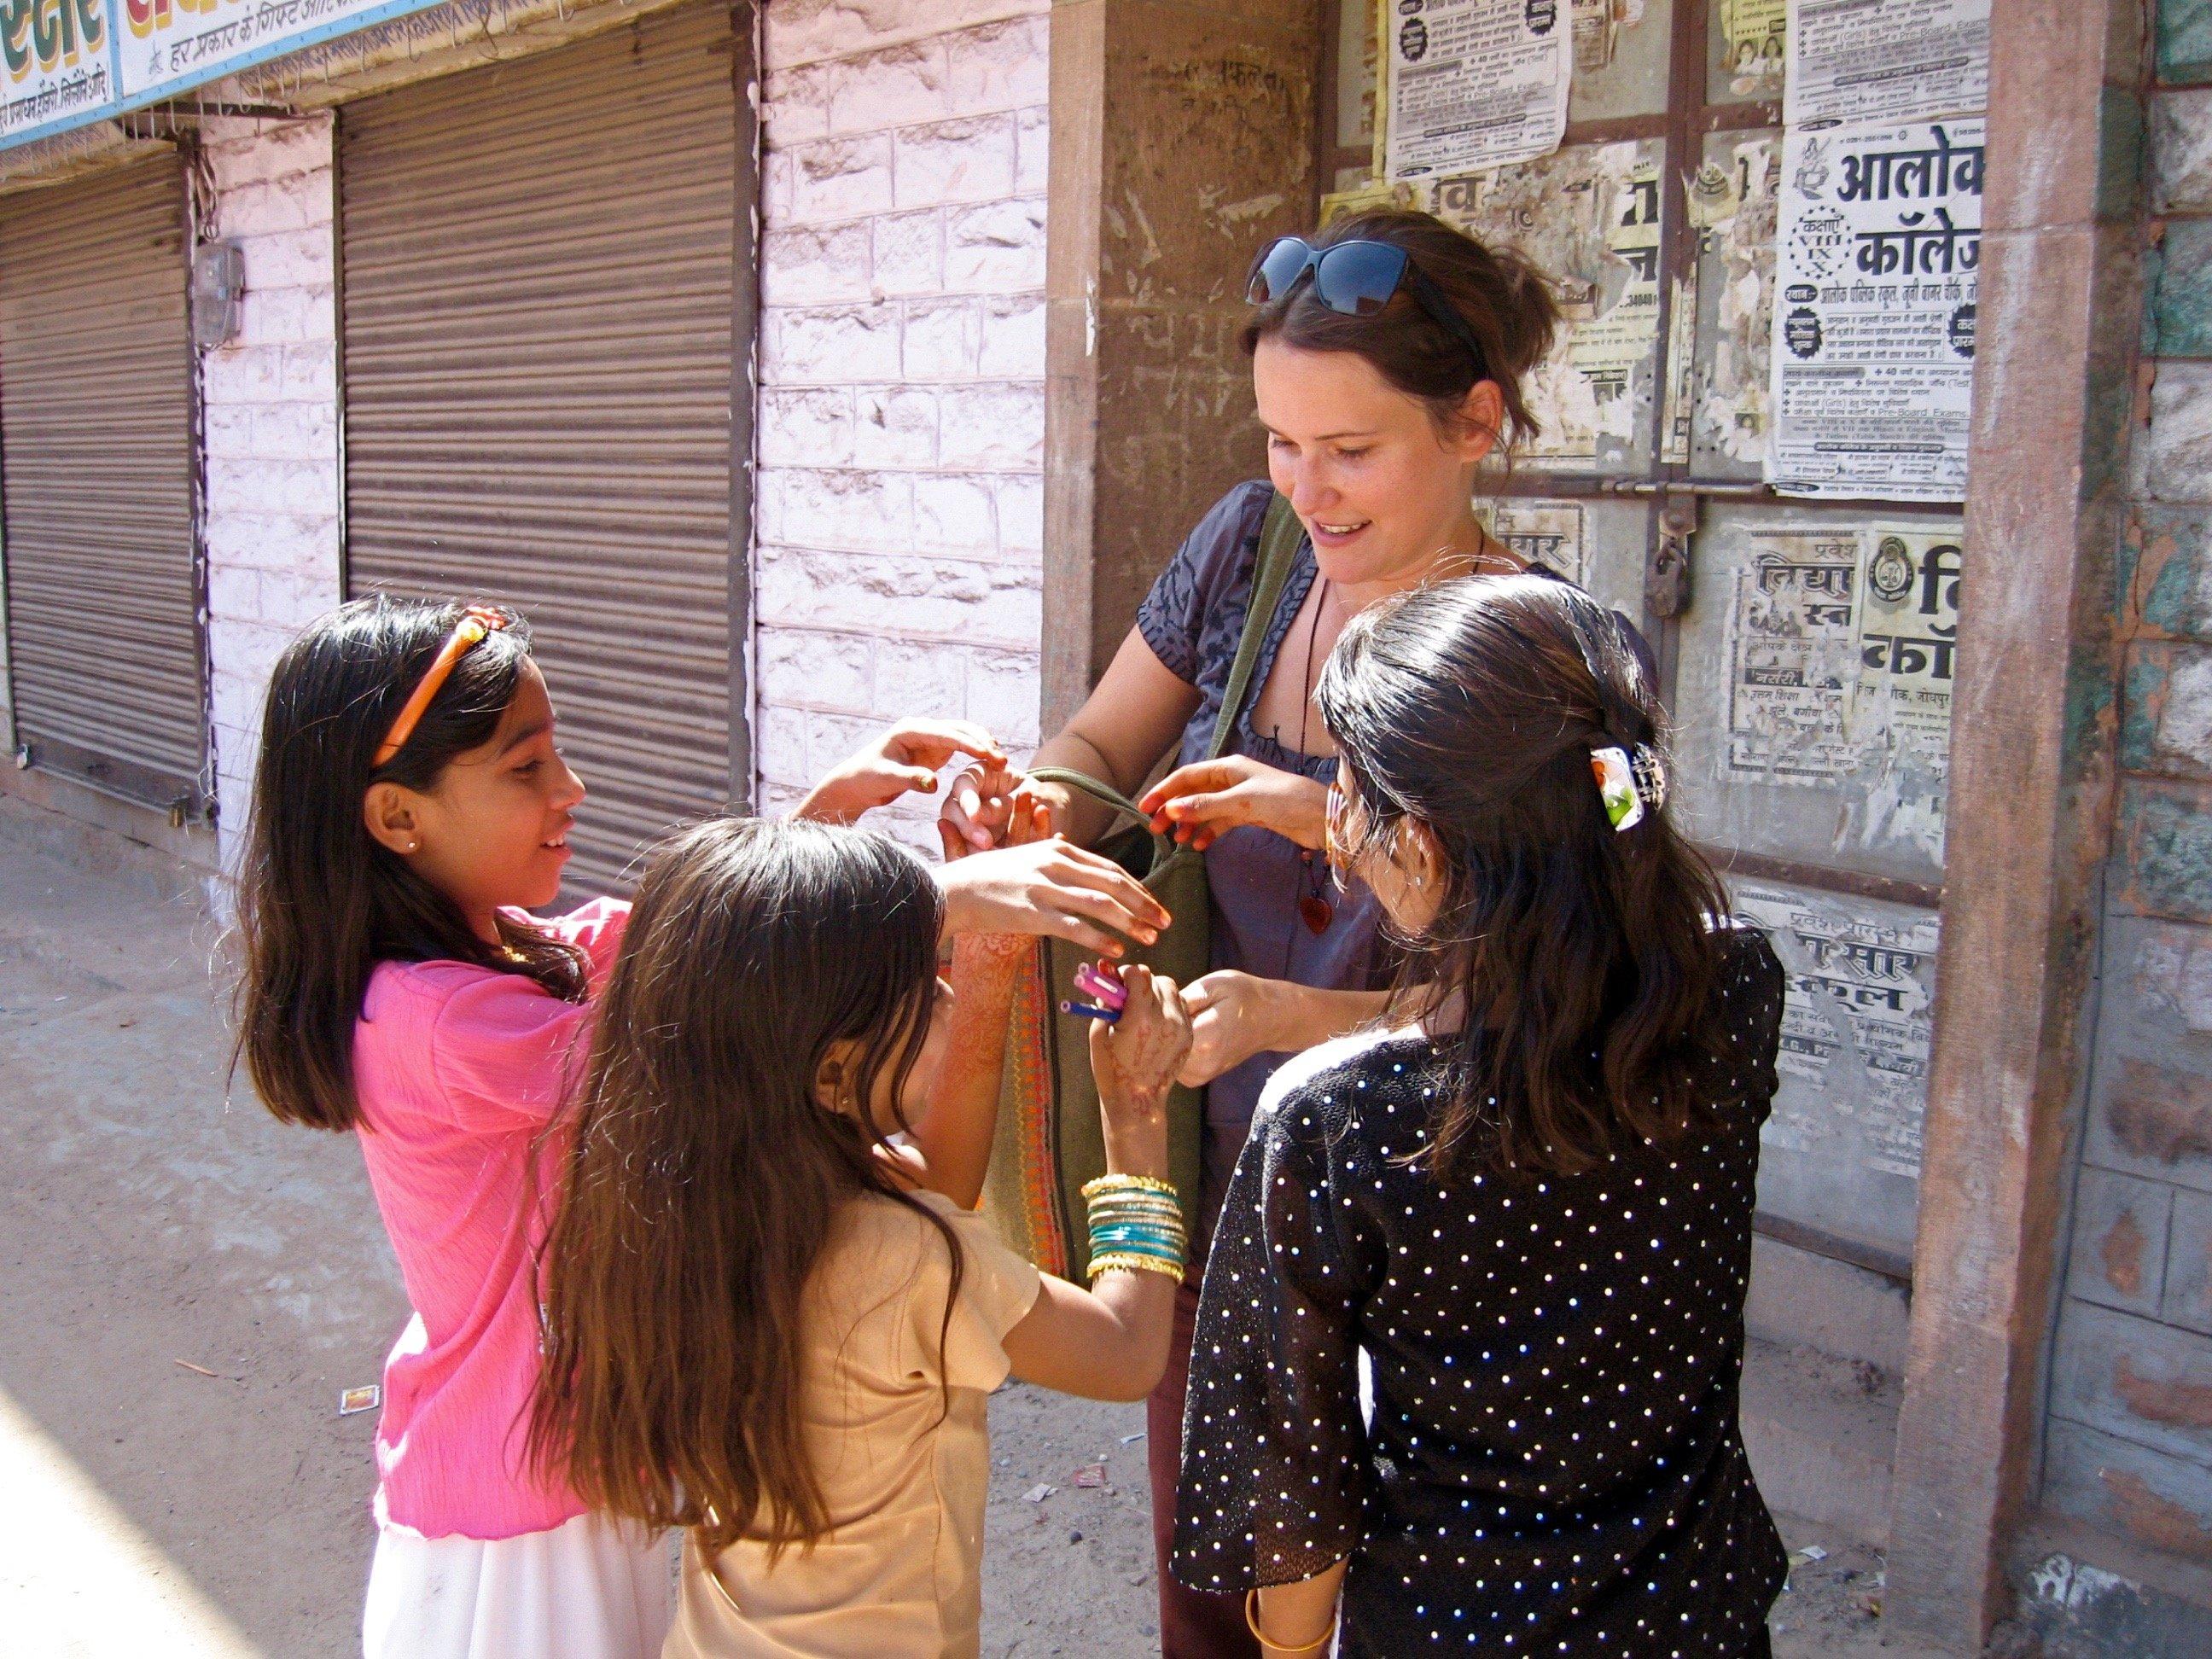 Indien: Stifte sind bei Kindern heißbegehrt © Susanne Frank